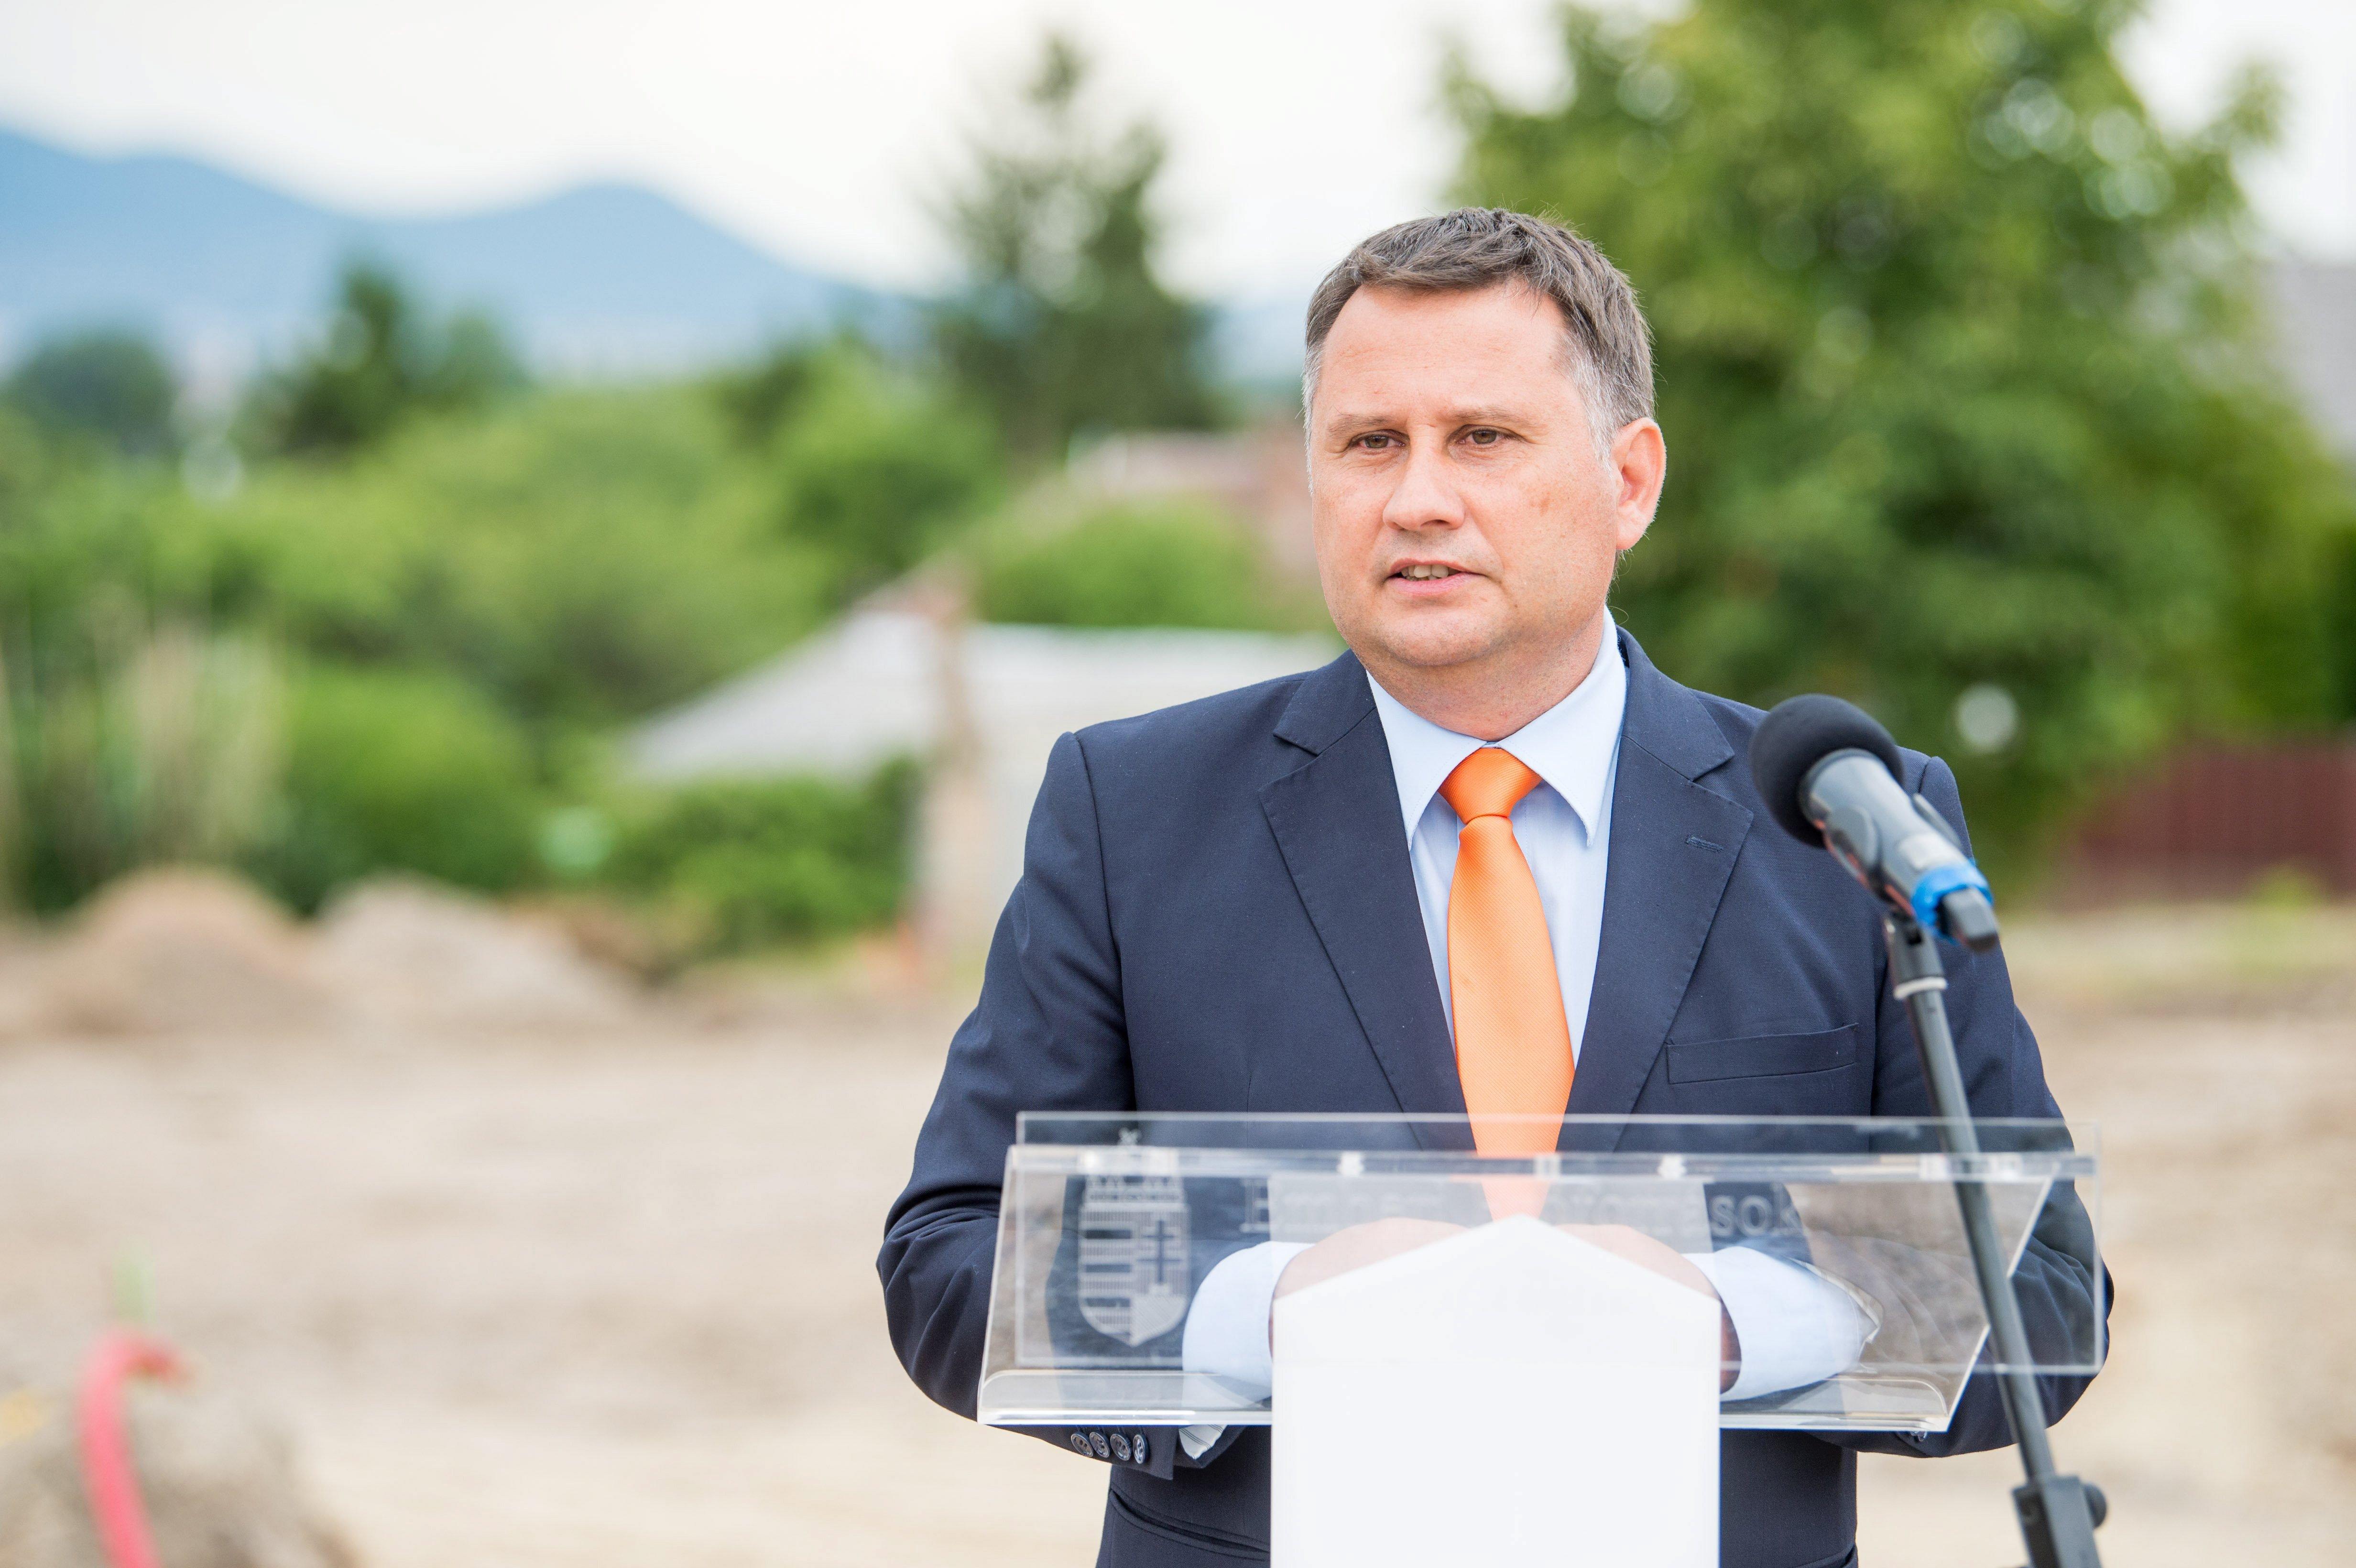 Marhaságnak tartja a lakásprivatizációs javaslatot a XVI. kerület fideszes polgármestere